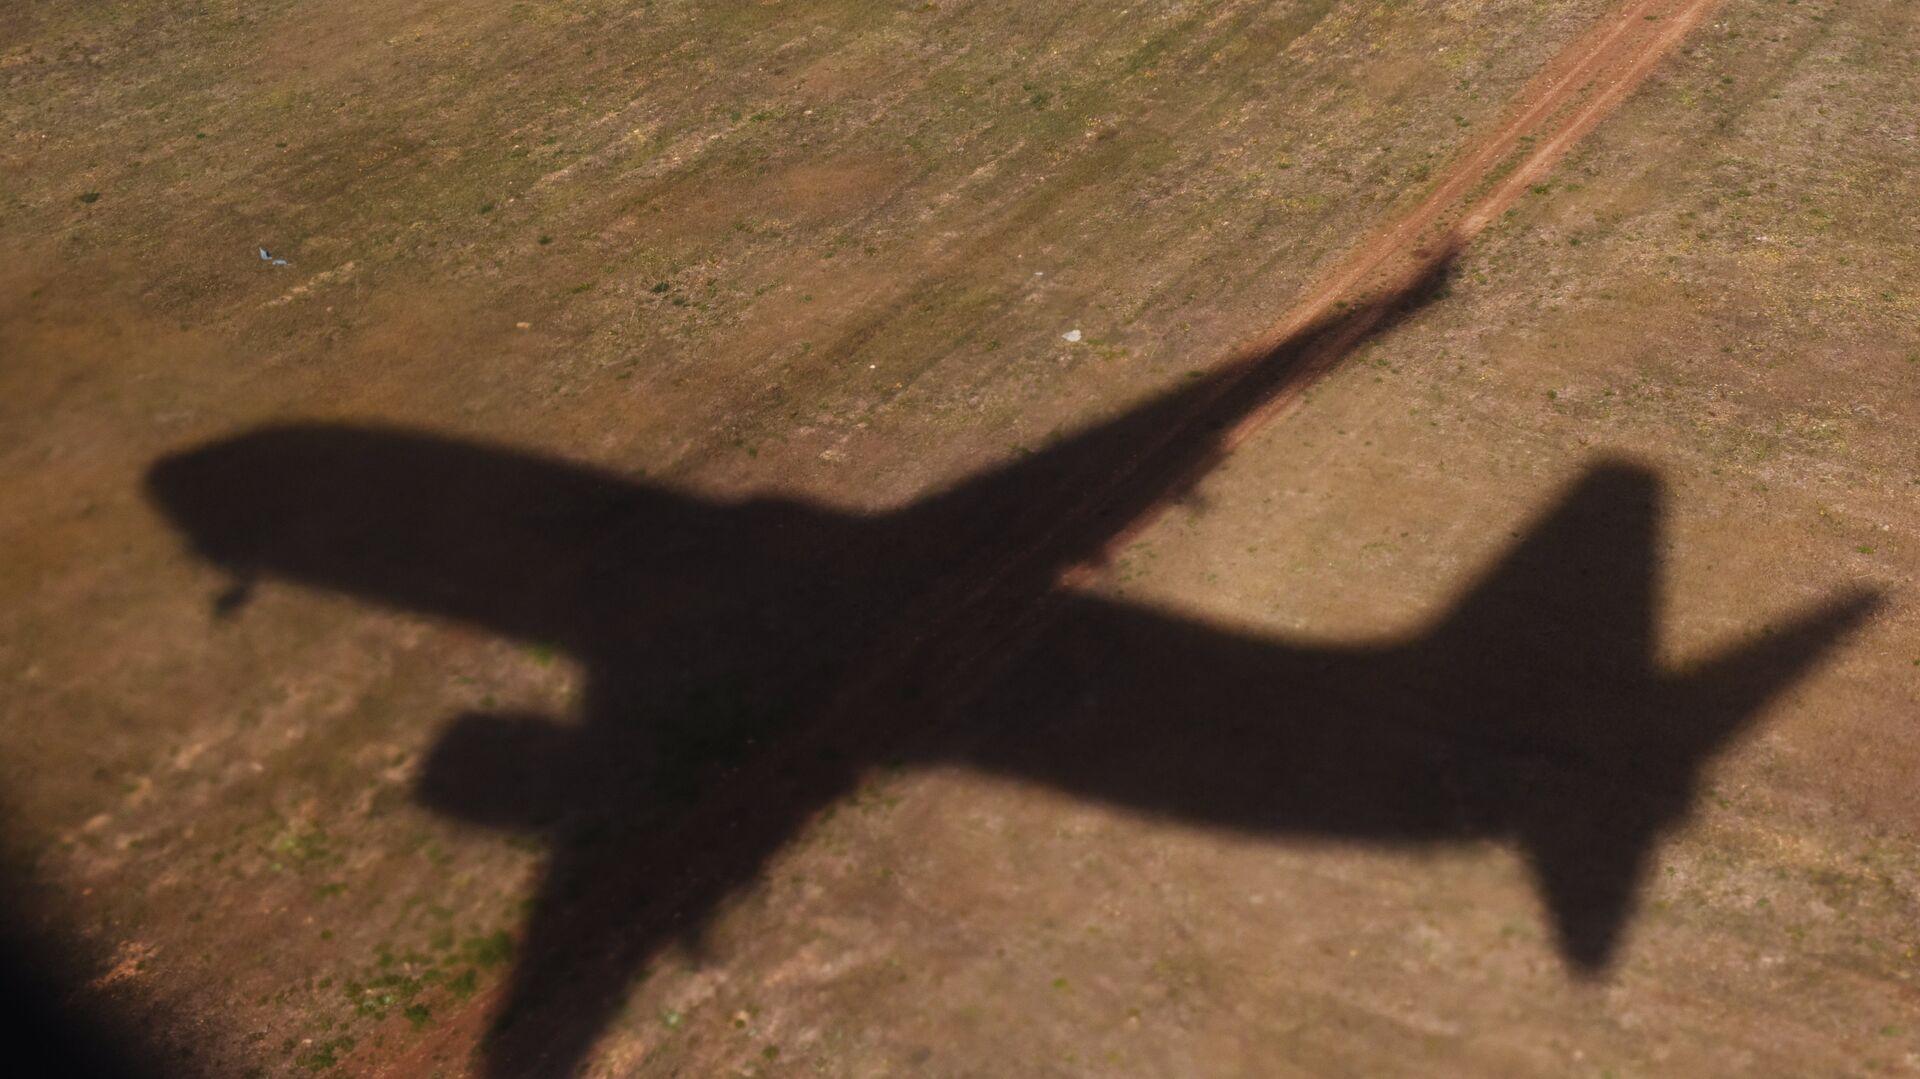 Тень летящего самолета - РИА Новости, 1920, 27.11.2020